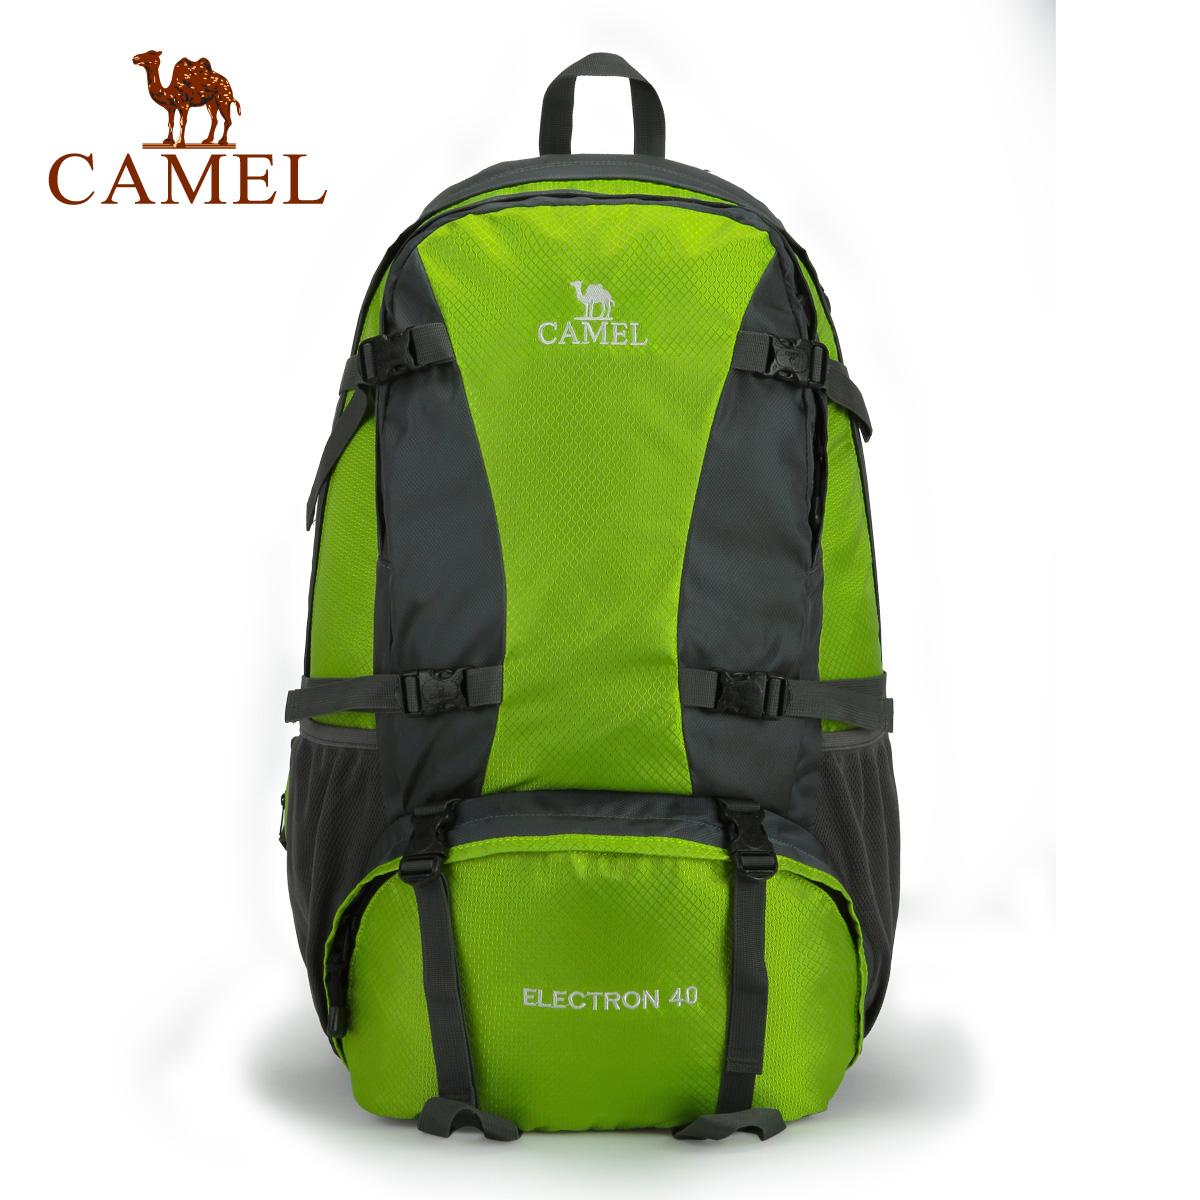 Туристический рюкзак Camel 3 3077 3FC3077 Camel